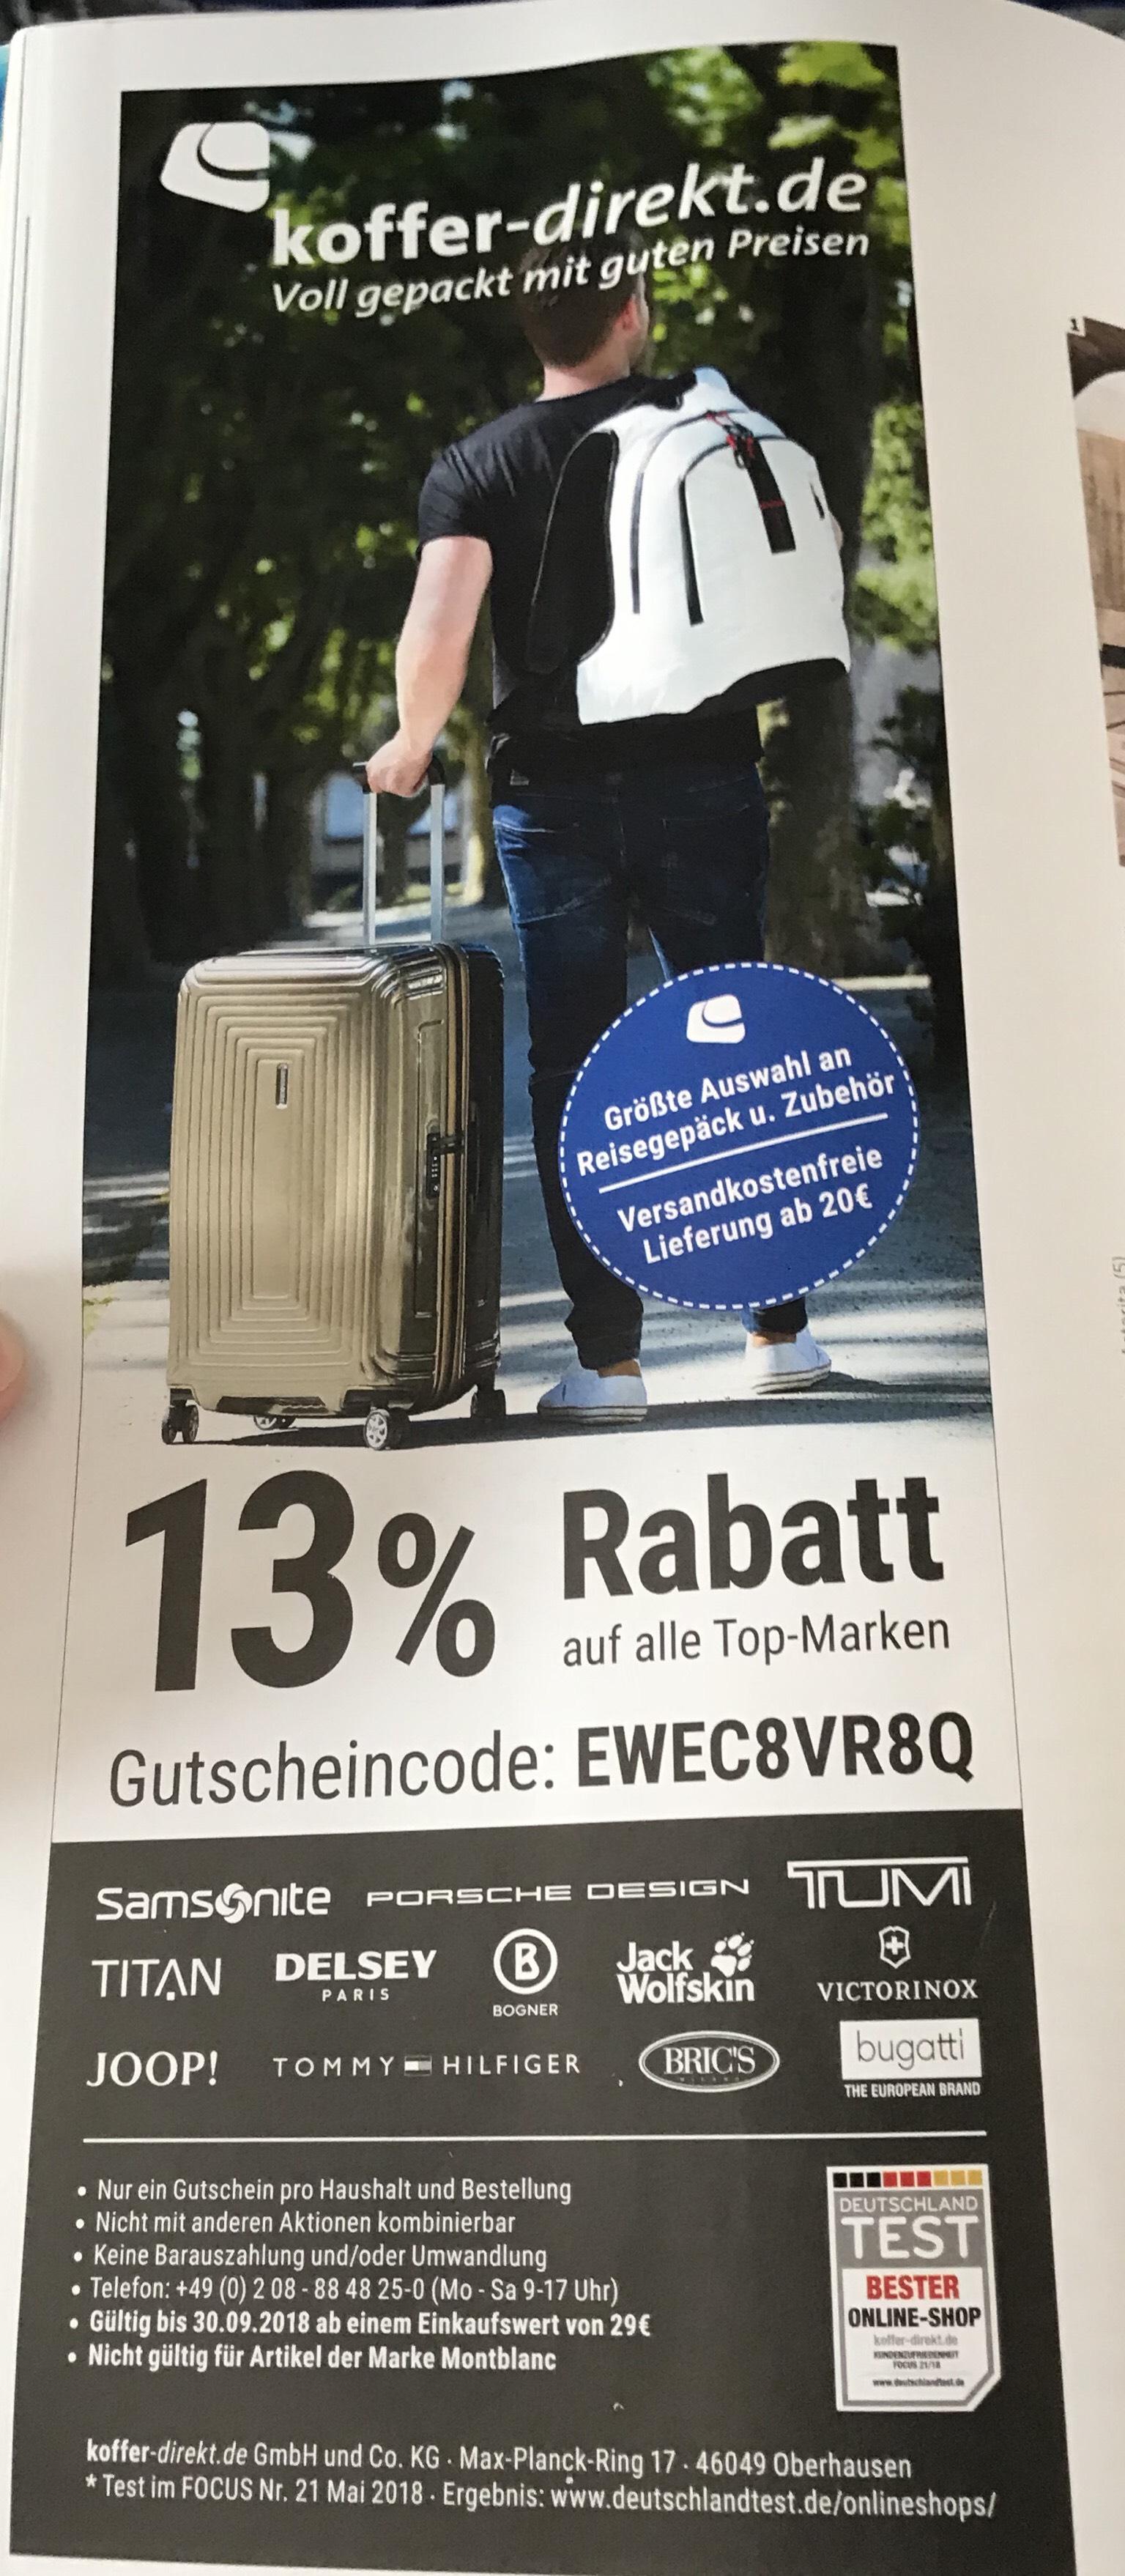 13% Rabatt bei koffer-direkt.de bis 30.09.18. MBW 29€